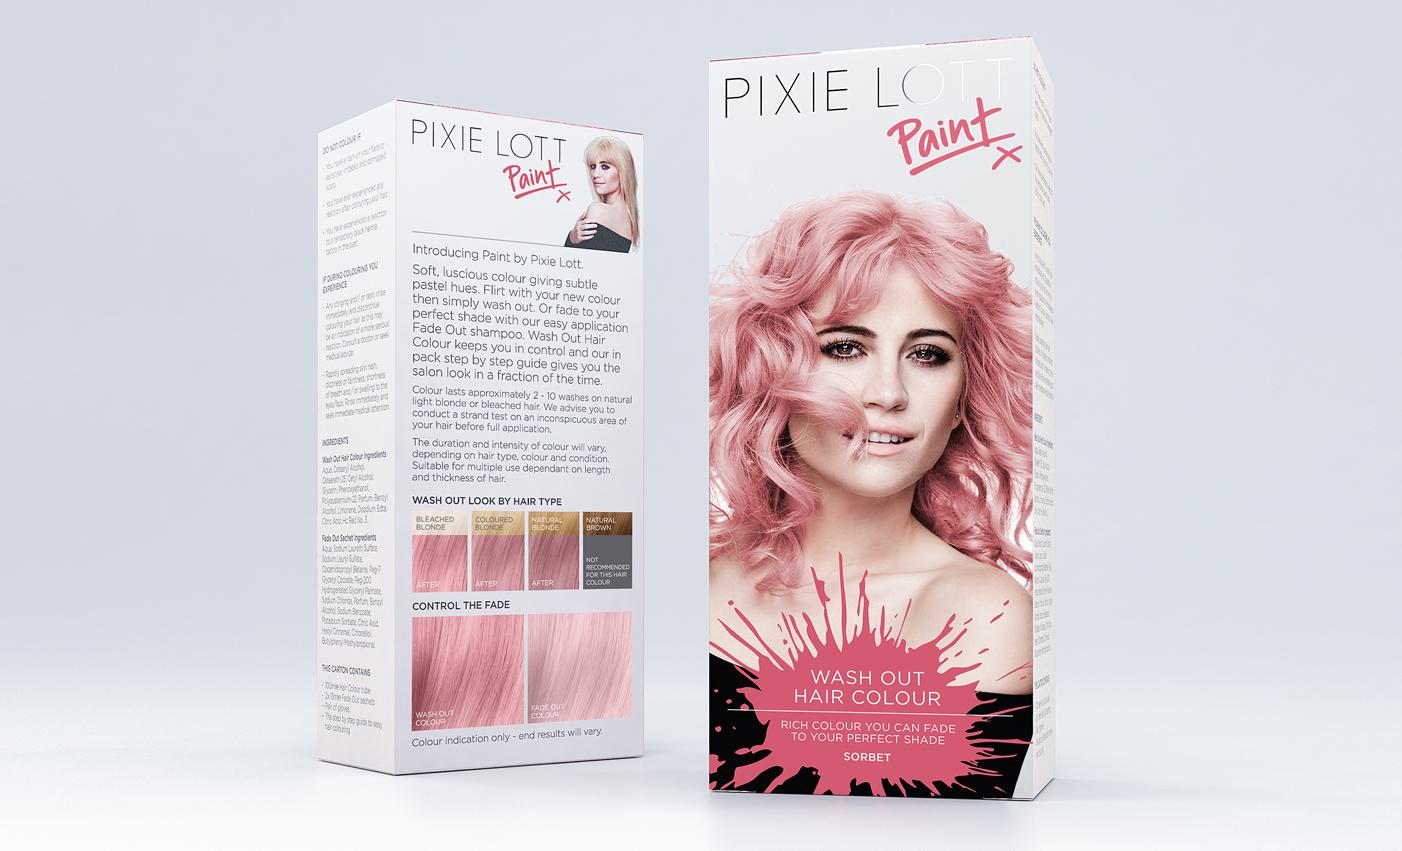 Pixie-Lott paint